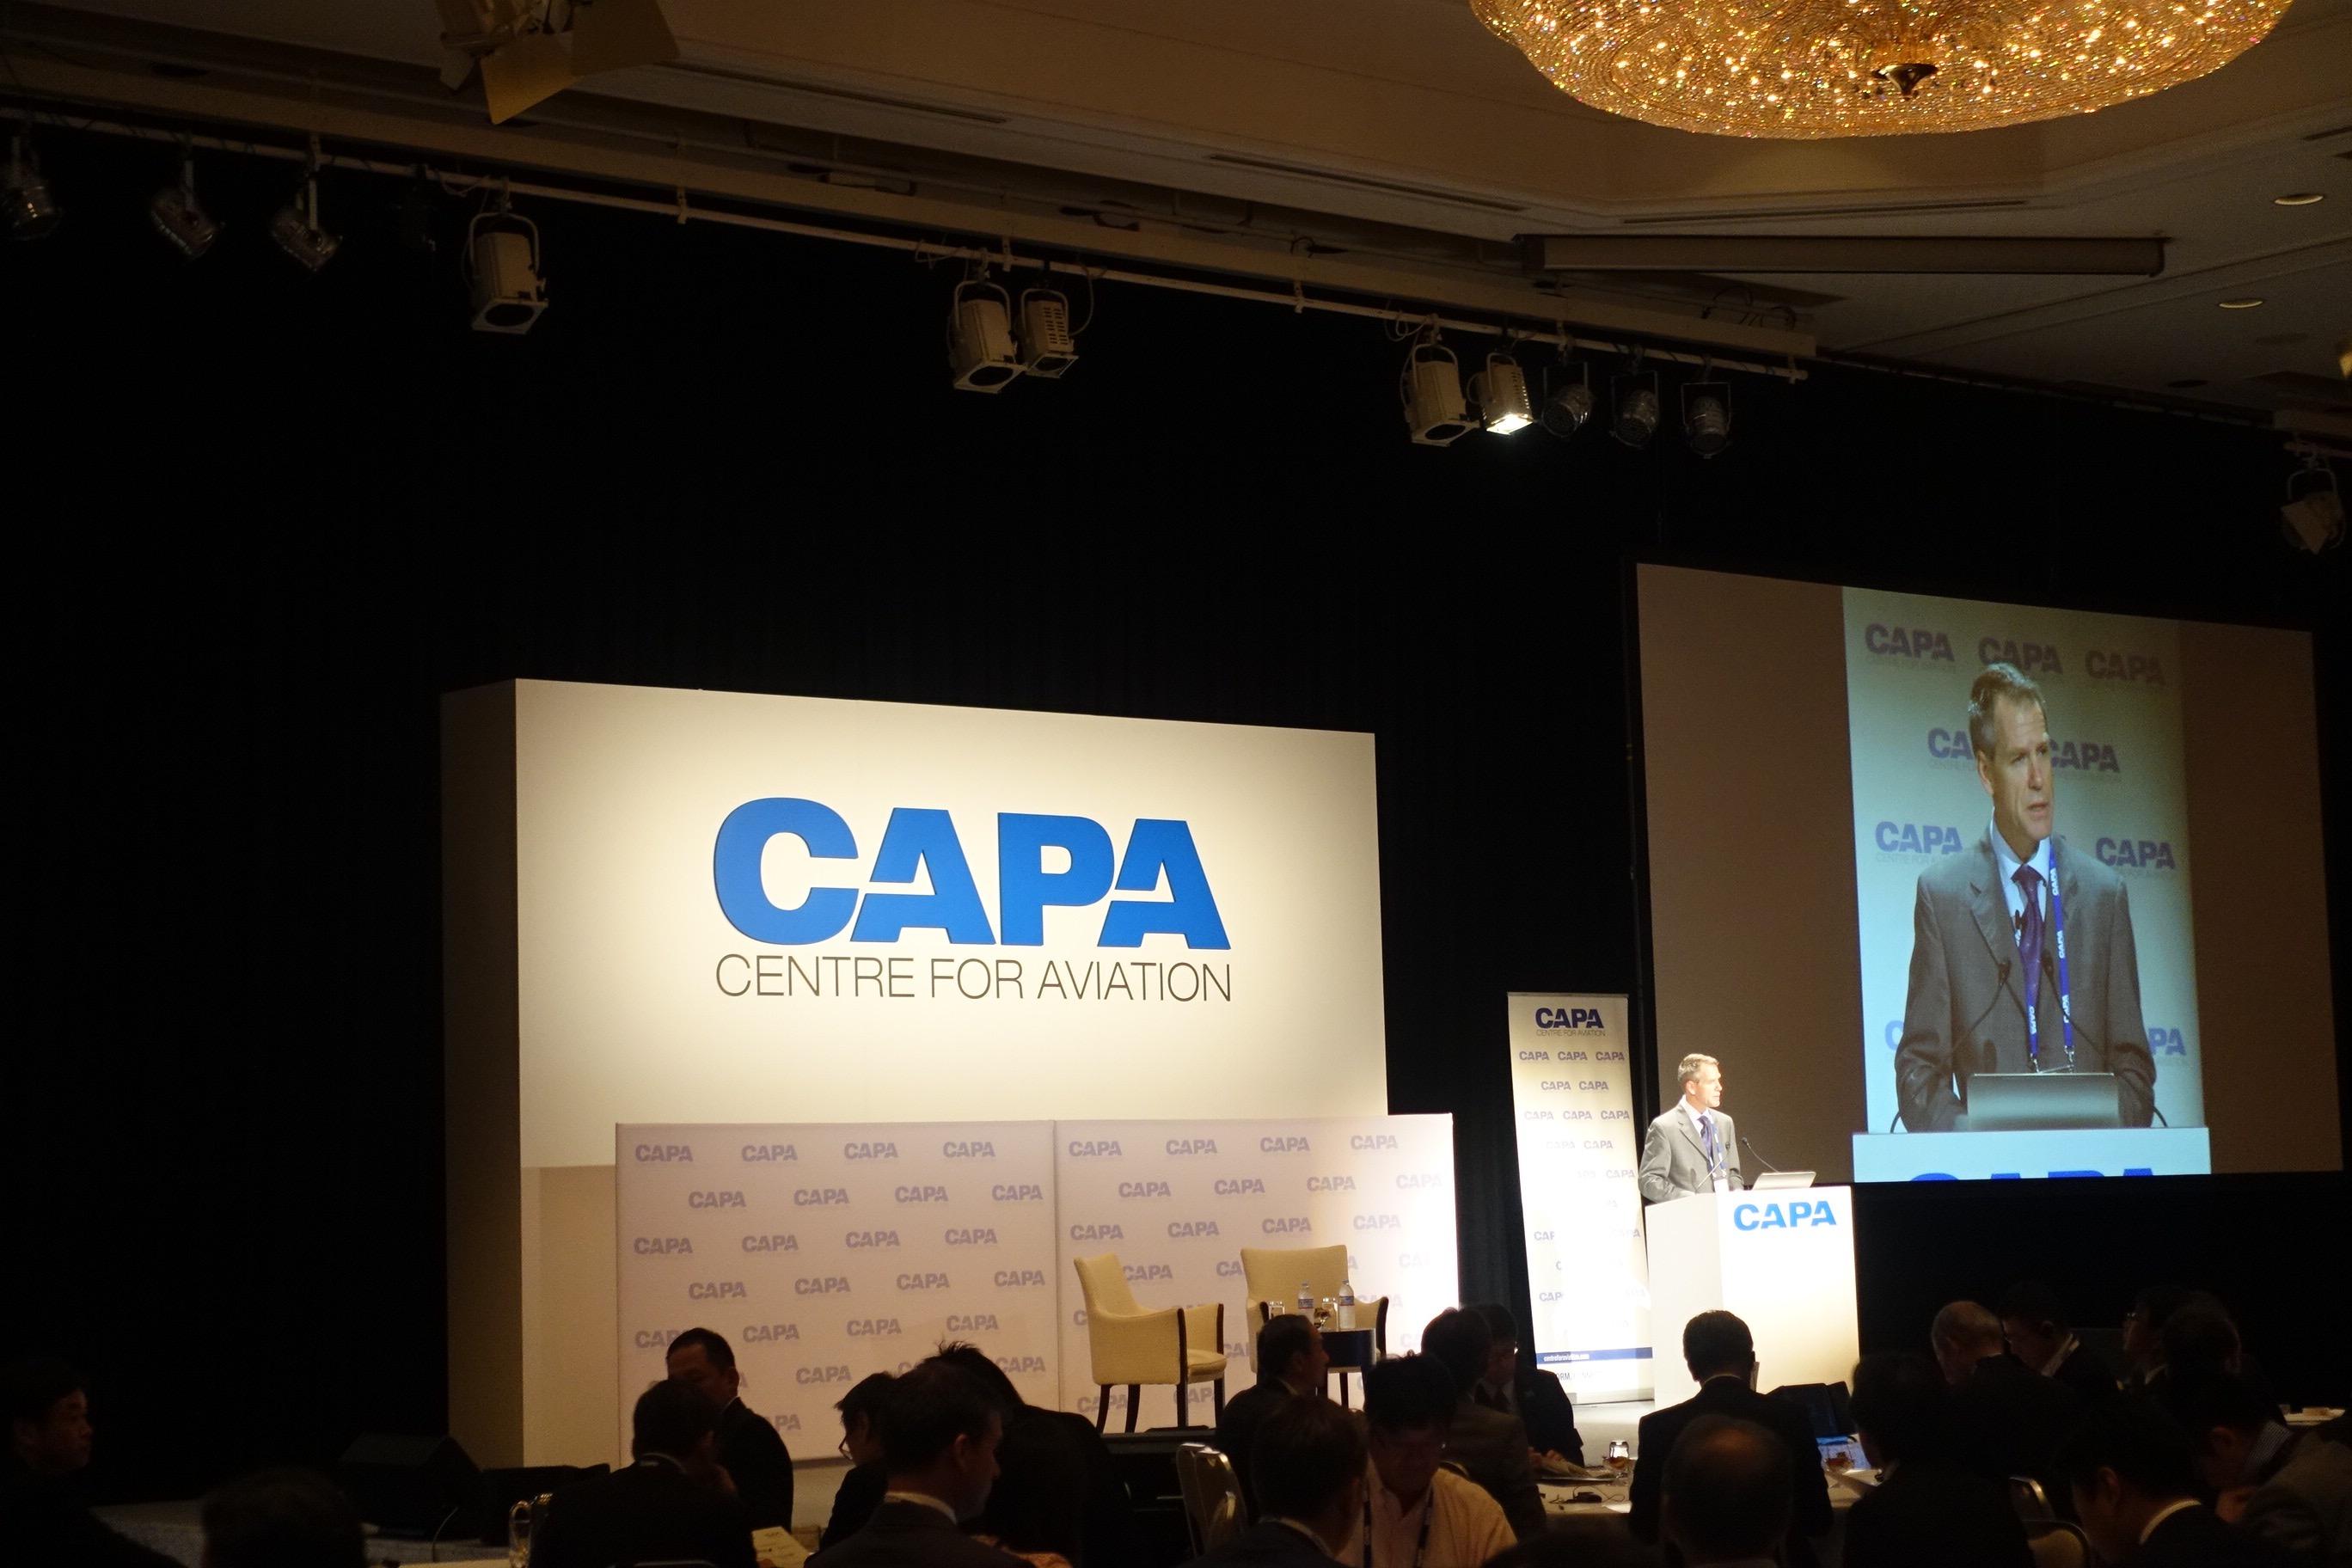 国内LCC4社トップが現在と未来を議論、需要の底上げ事例からLCCアライアンスまで -CAPA国際会議で